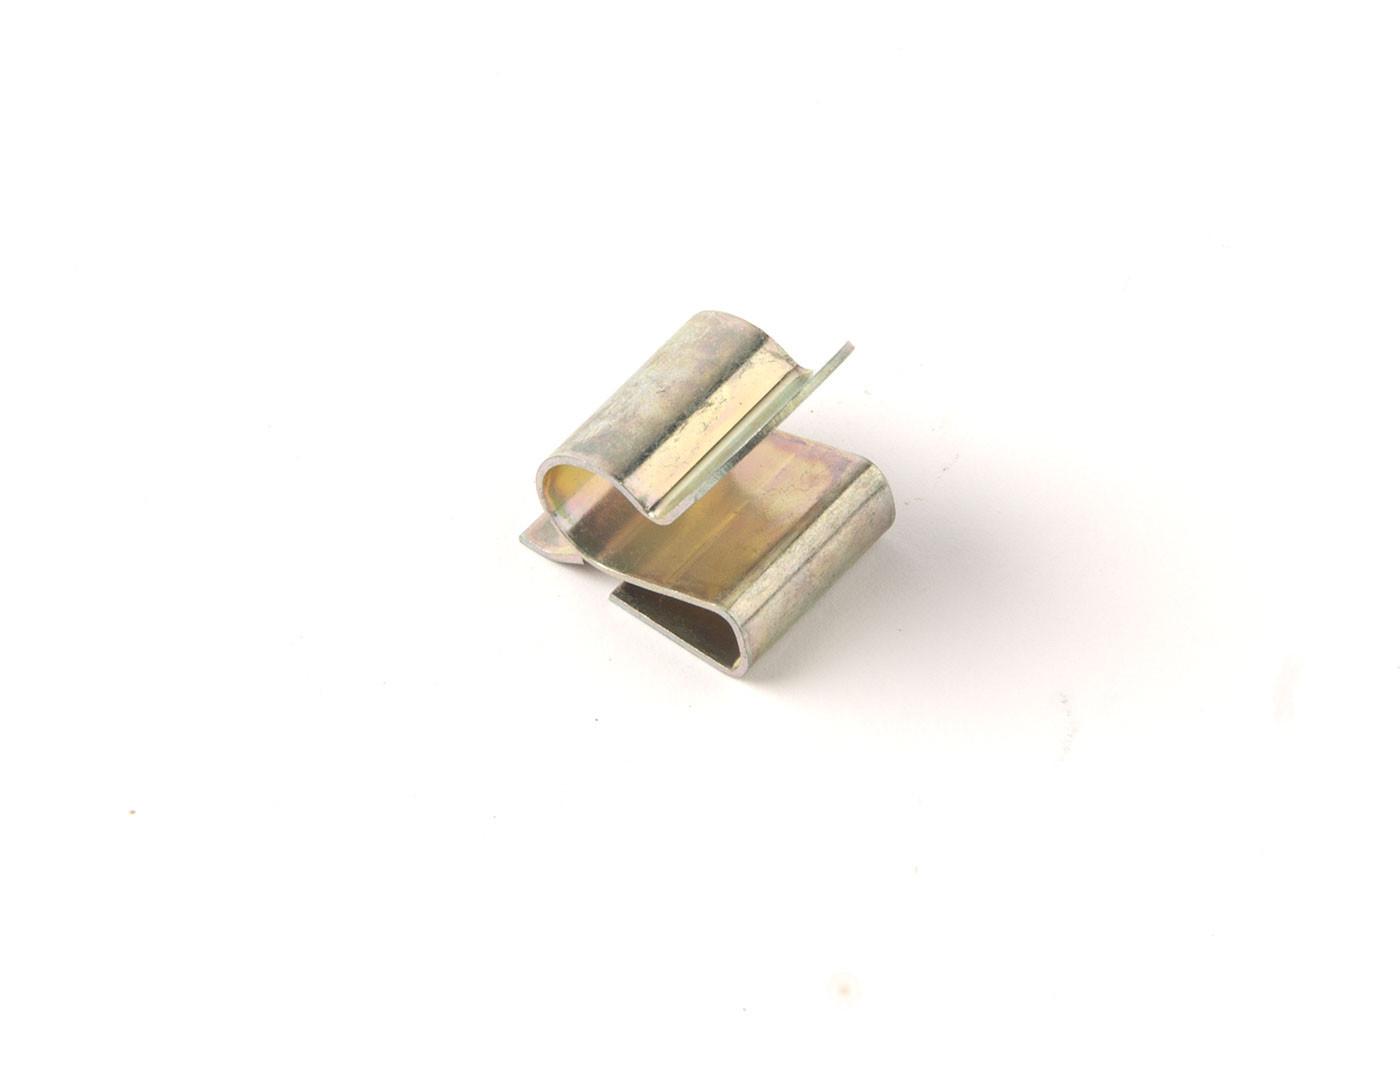 Retaining clip